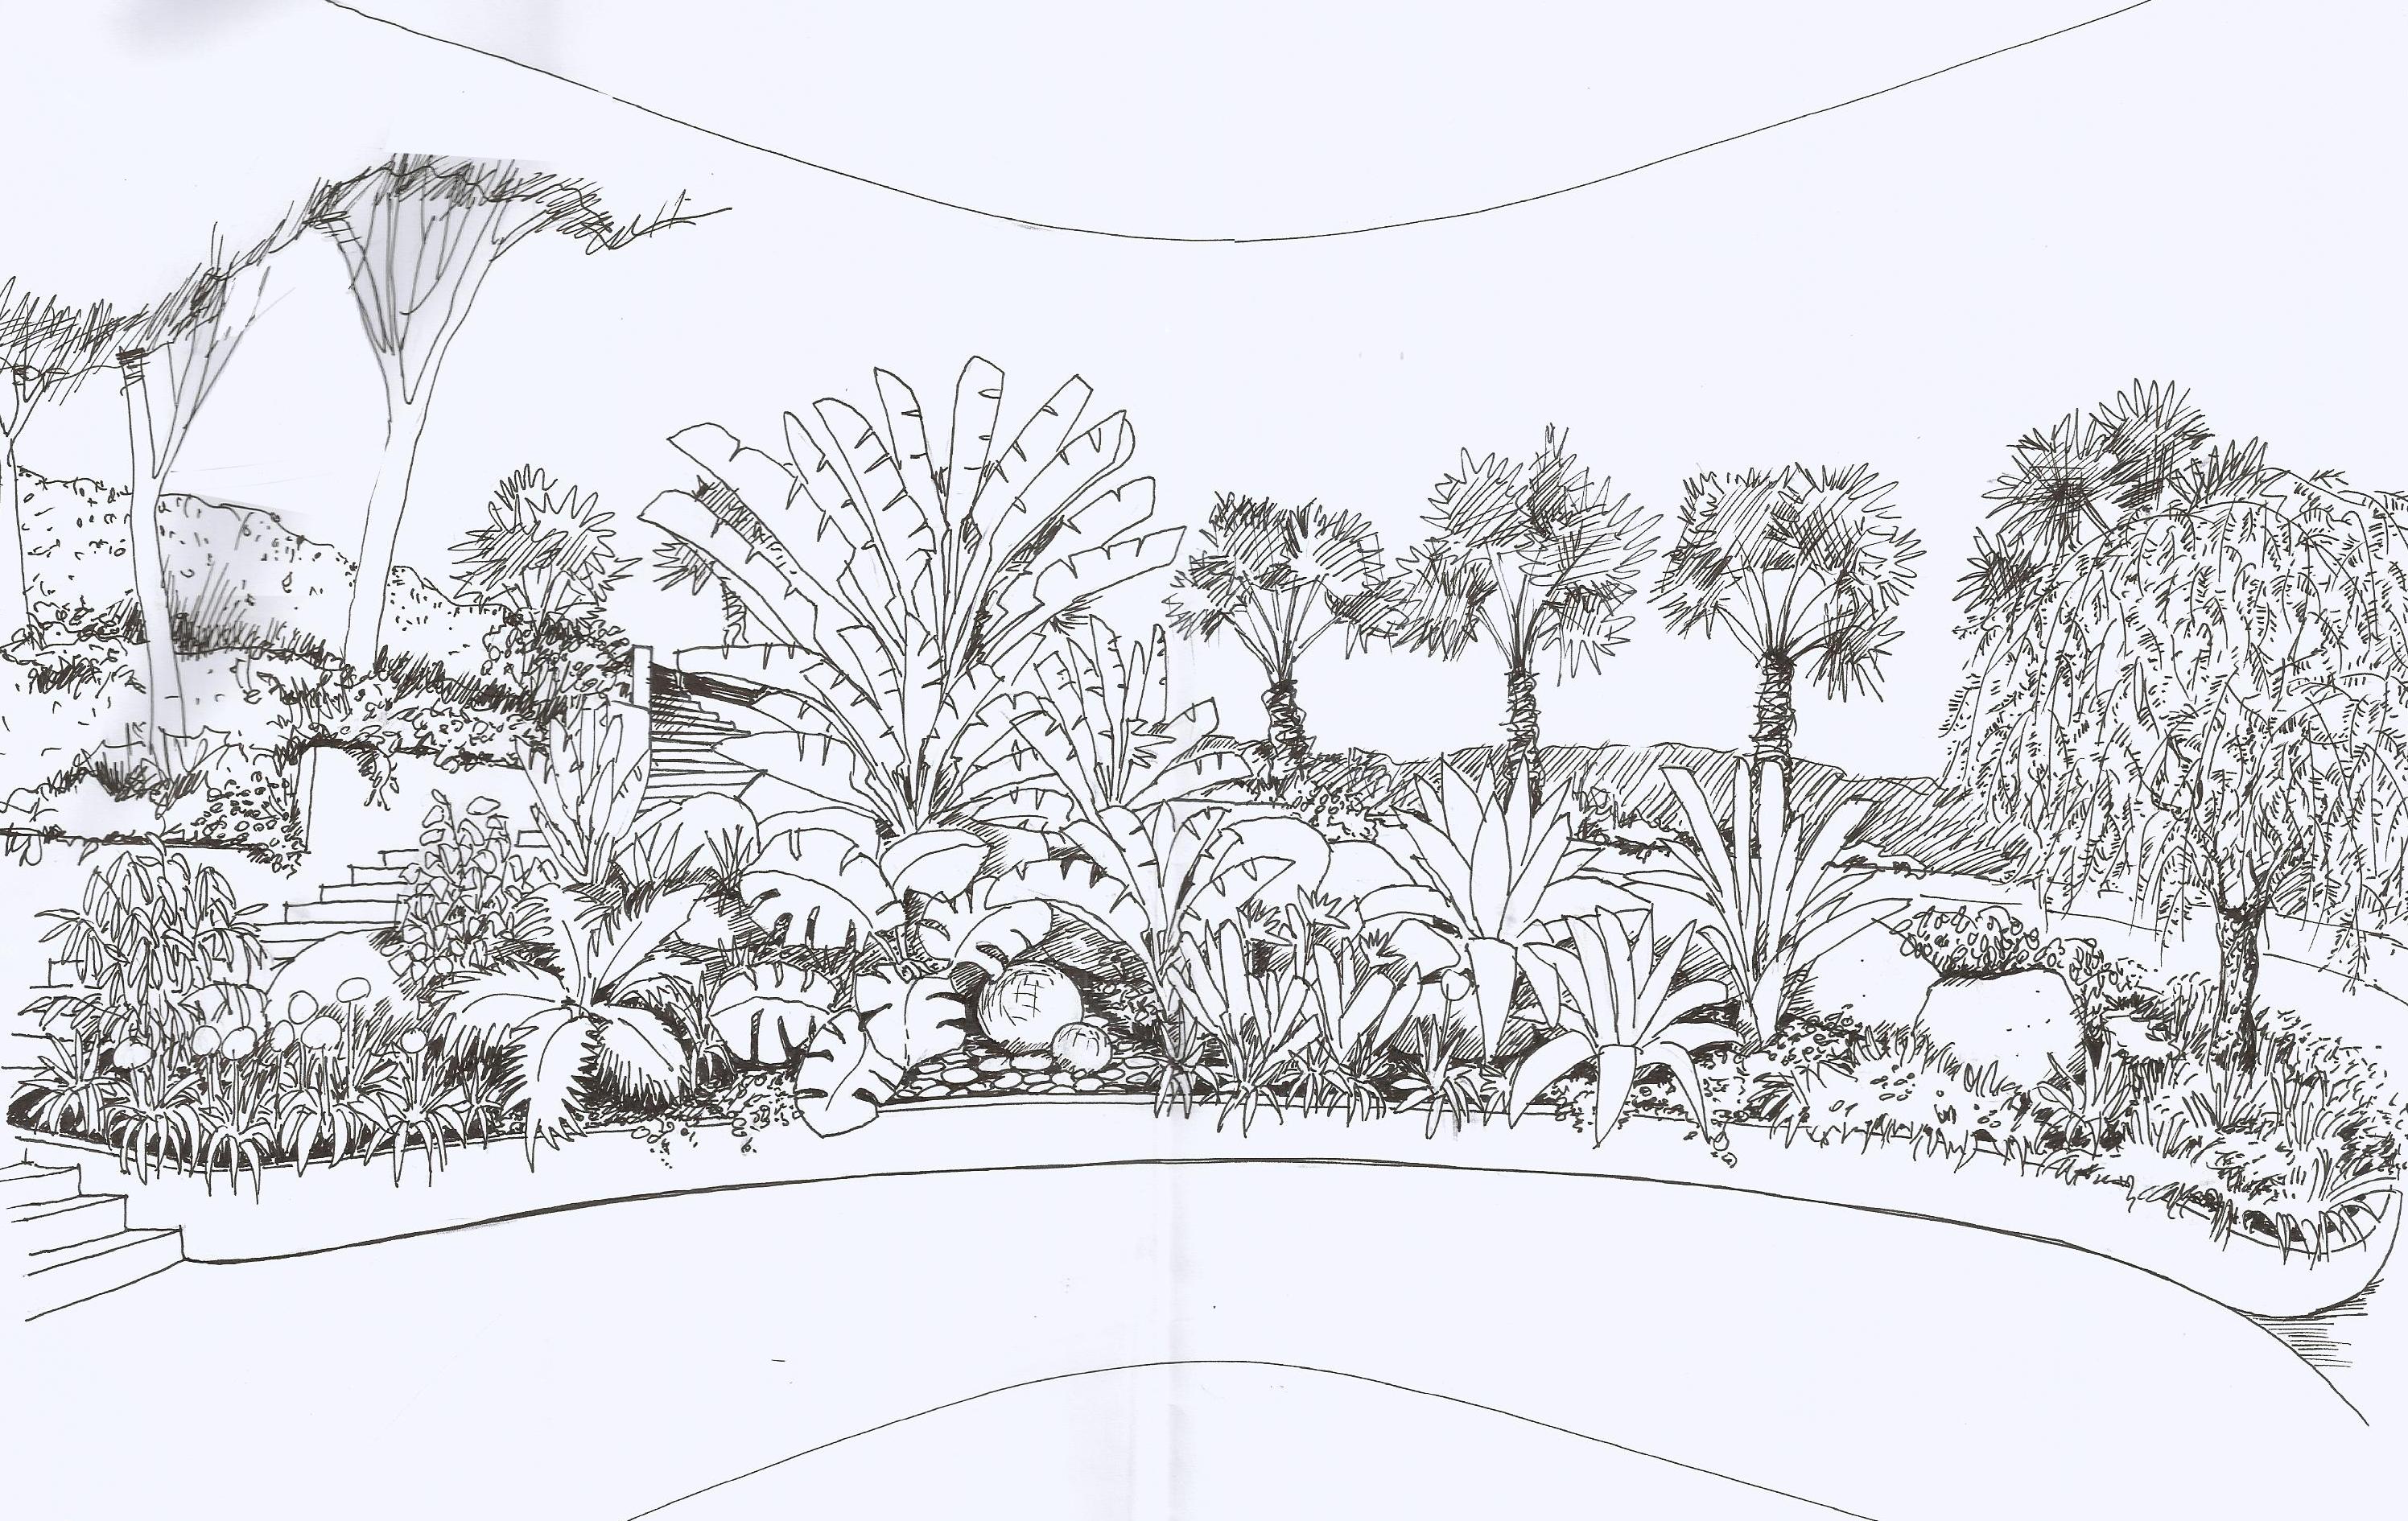 Presentaciones a mano dibujos landshaft empresa de for Jardin dibujo